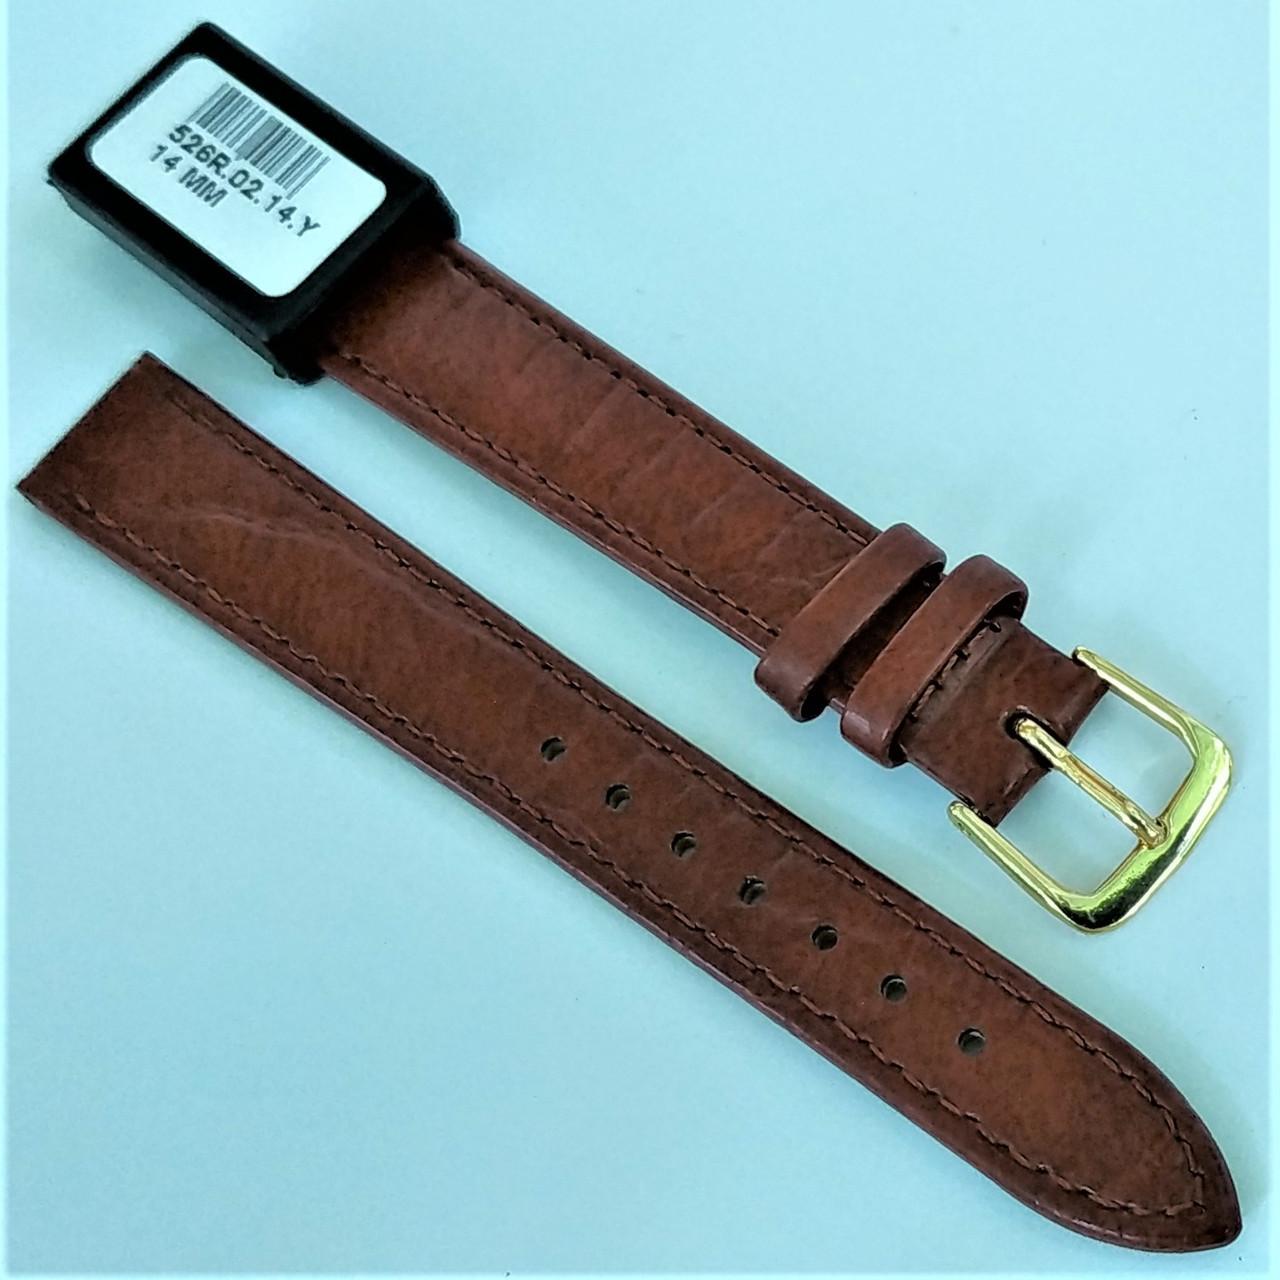 14 мм Кожаный Ремешок для часов CONDOR 526.14.02 Коричневый Ремешок на часы из Натуральной кожи